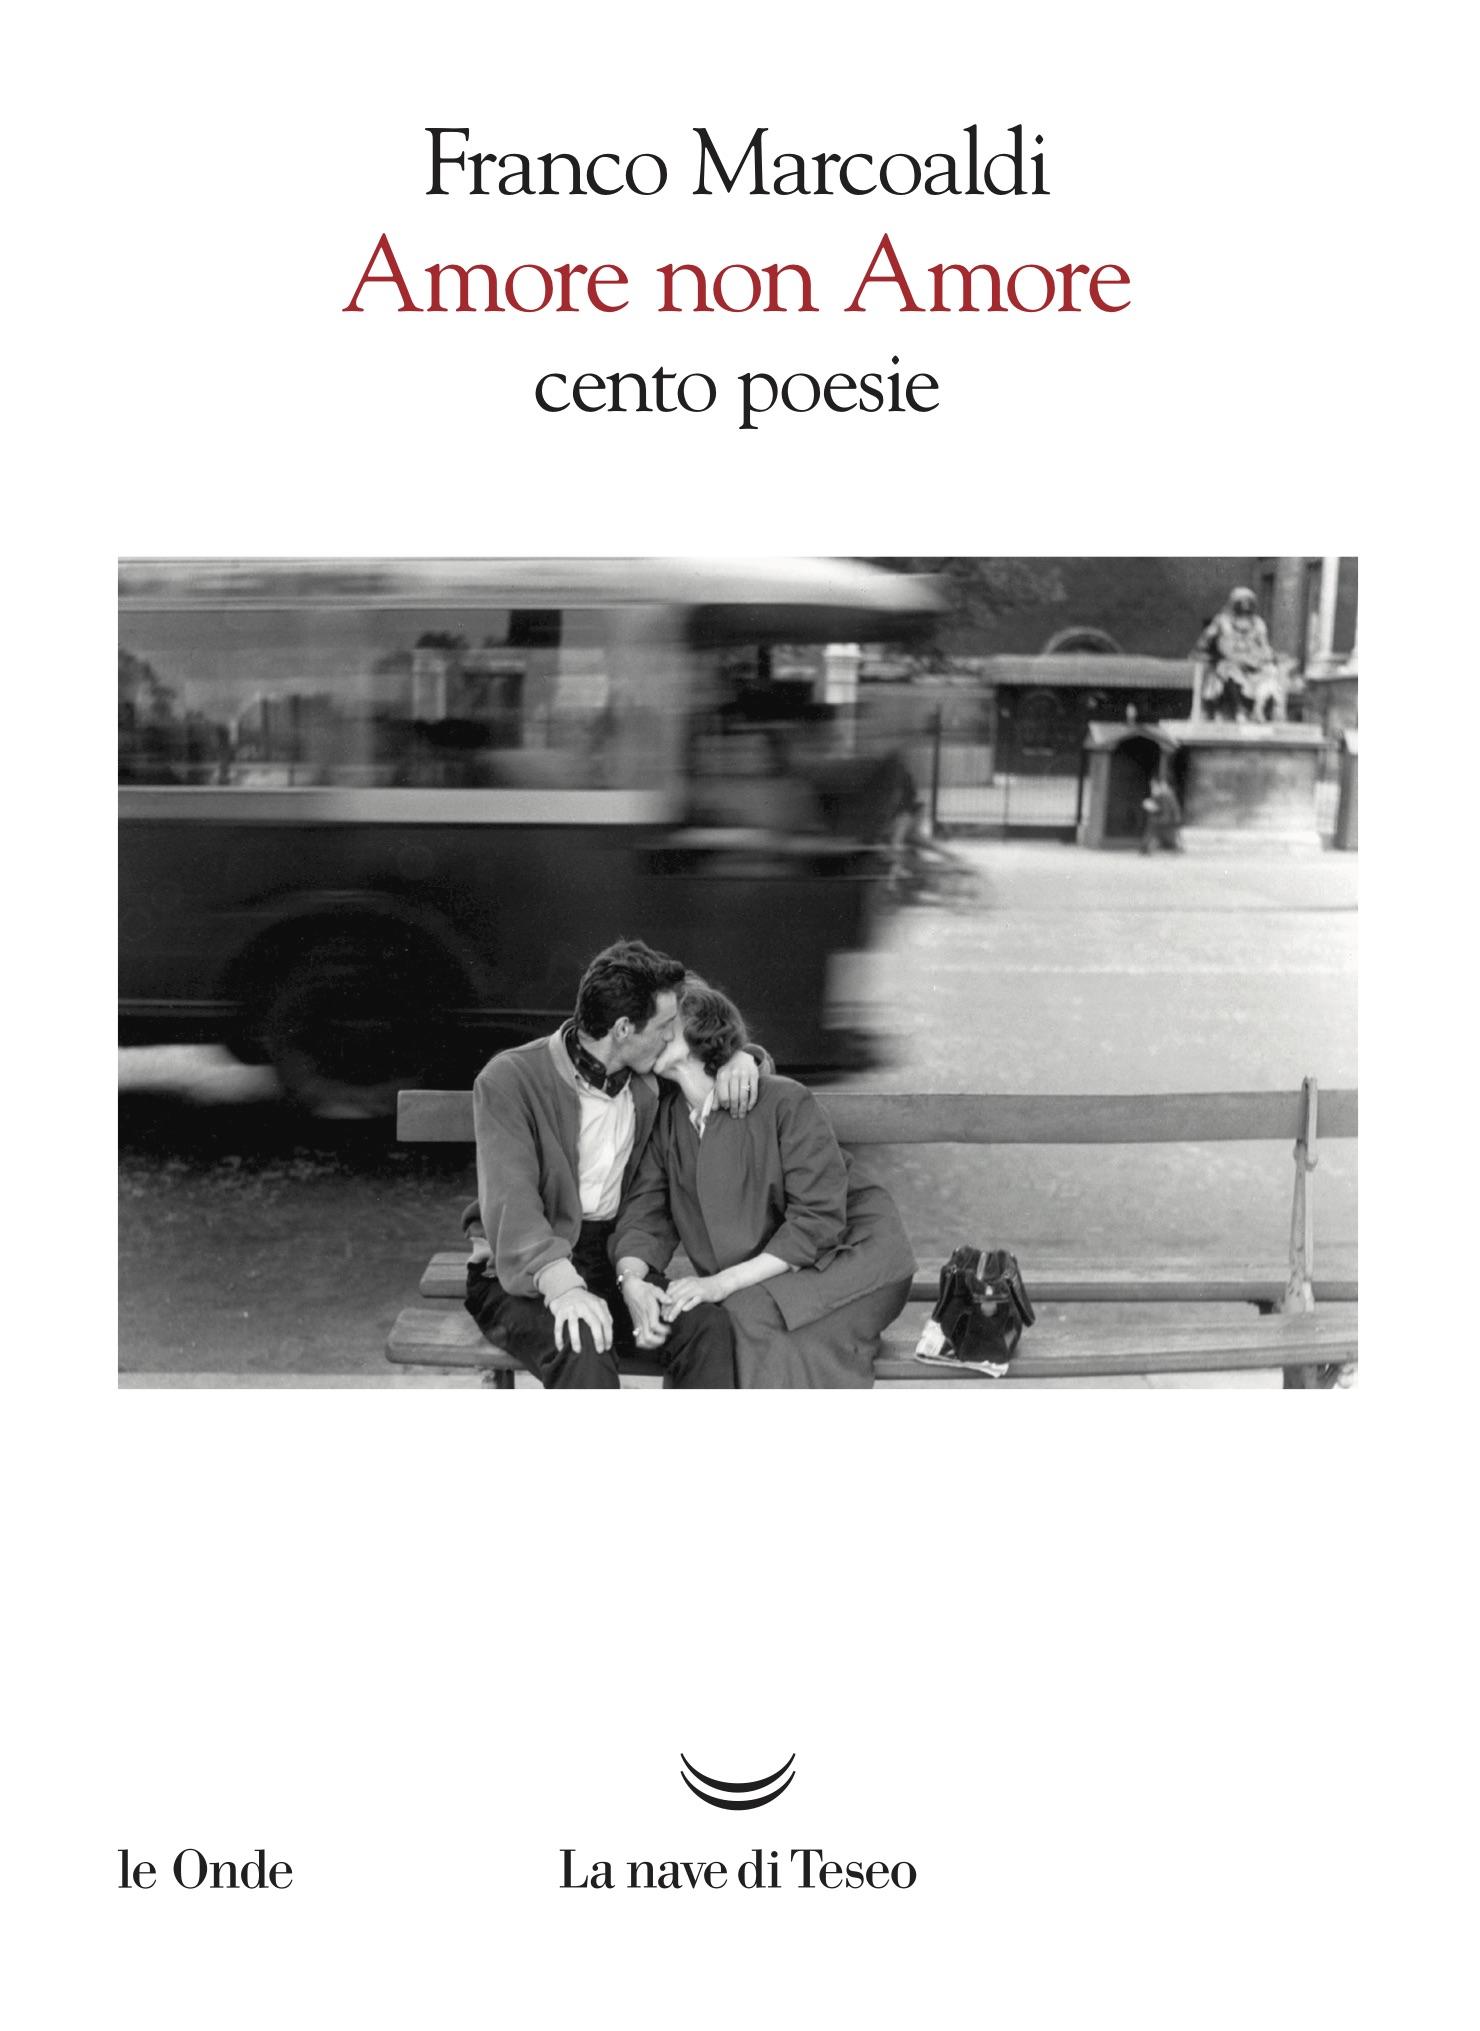 Amore non amore cento poesie – Franco Marcoaldi